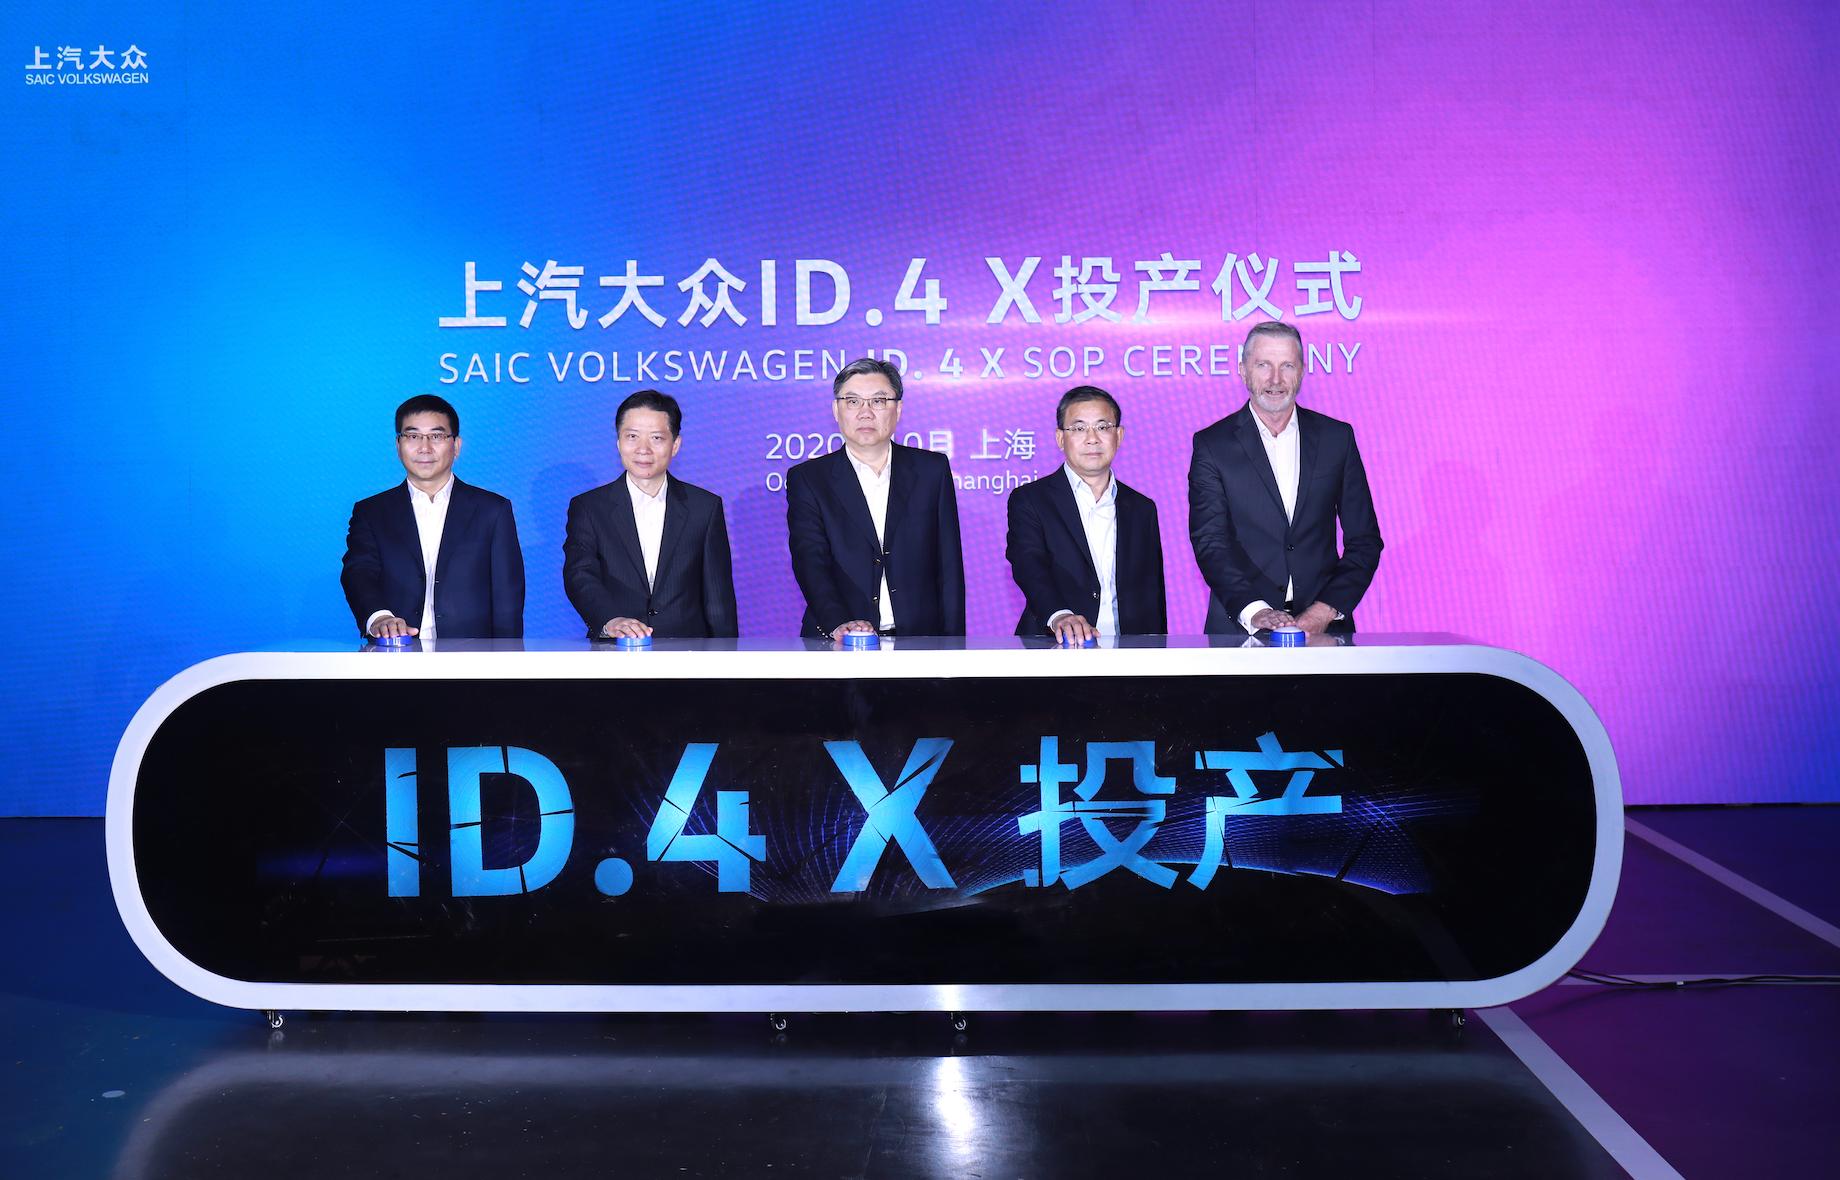 「汽车V报」上汽大众ID.4 X正式投产;滴滴定制比亚迪车型D1曝光-20201027